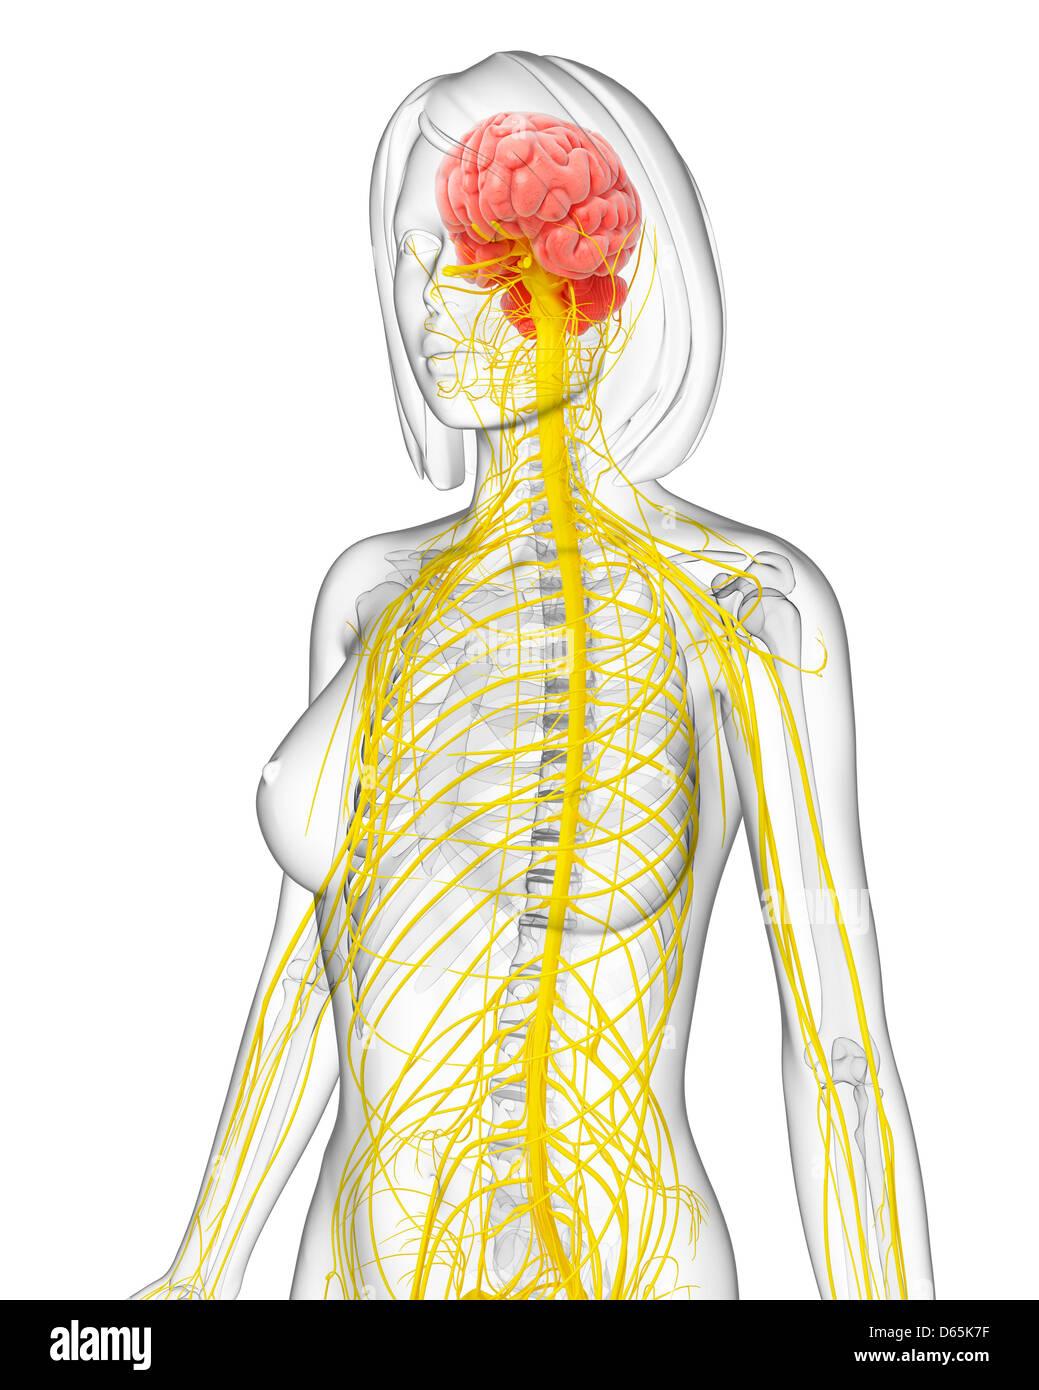 Berühmt Nierensammelsystem Anatomie Zeitgenössisch - Anatomie Ideen ...